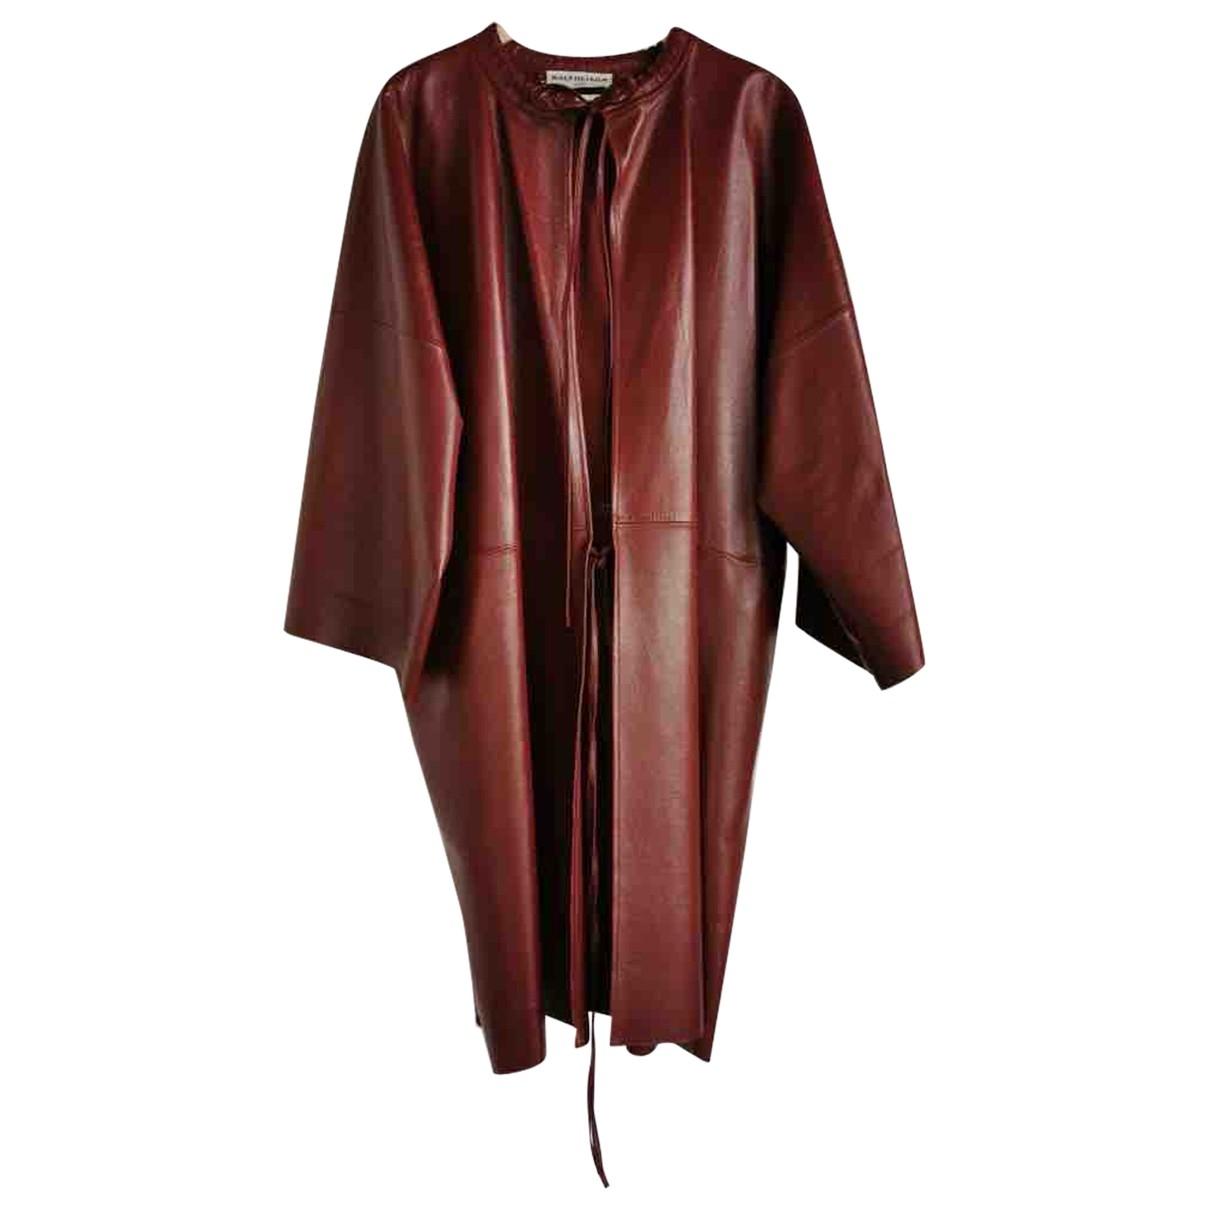 Balenciaga \N Burgundy Leather coat for Women 36 FR